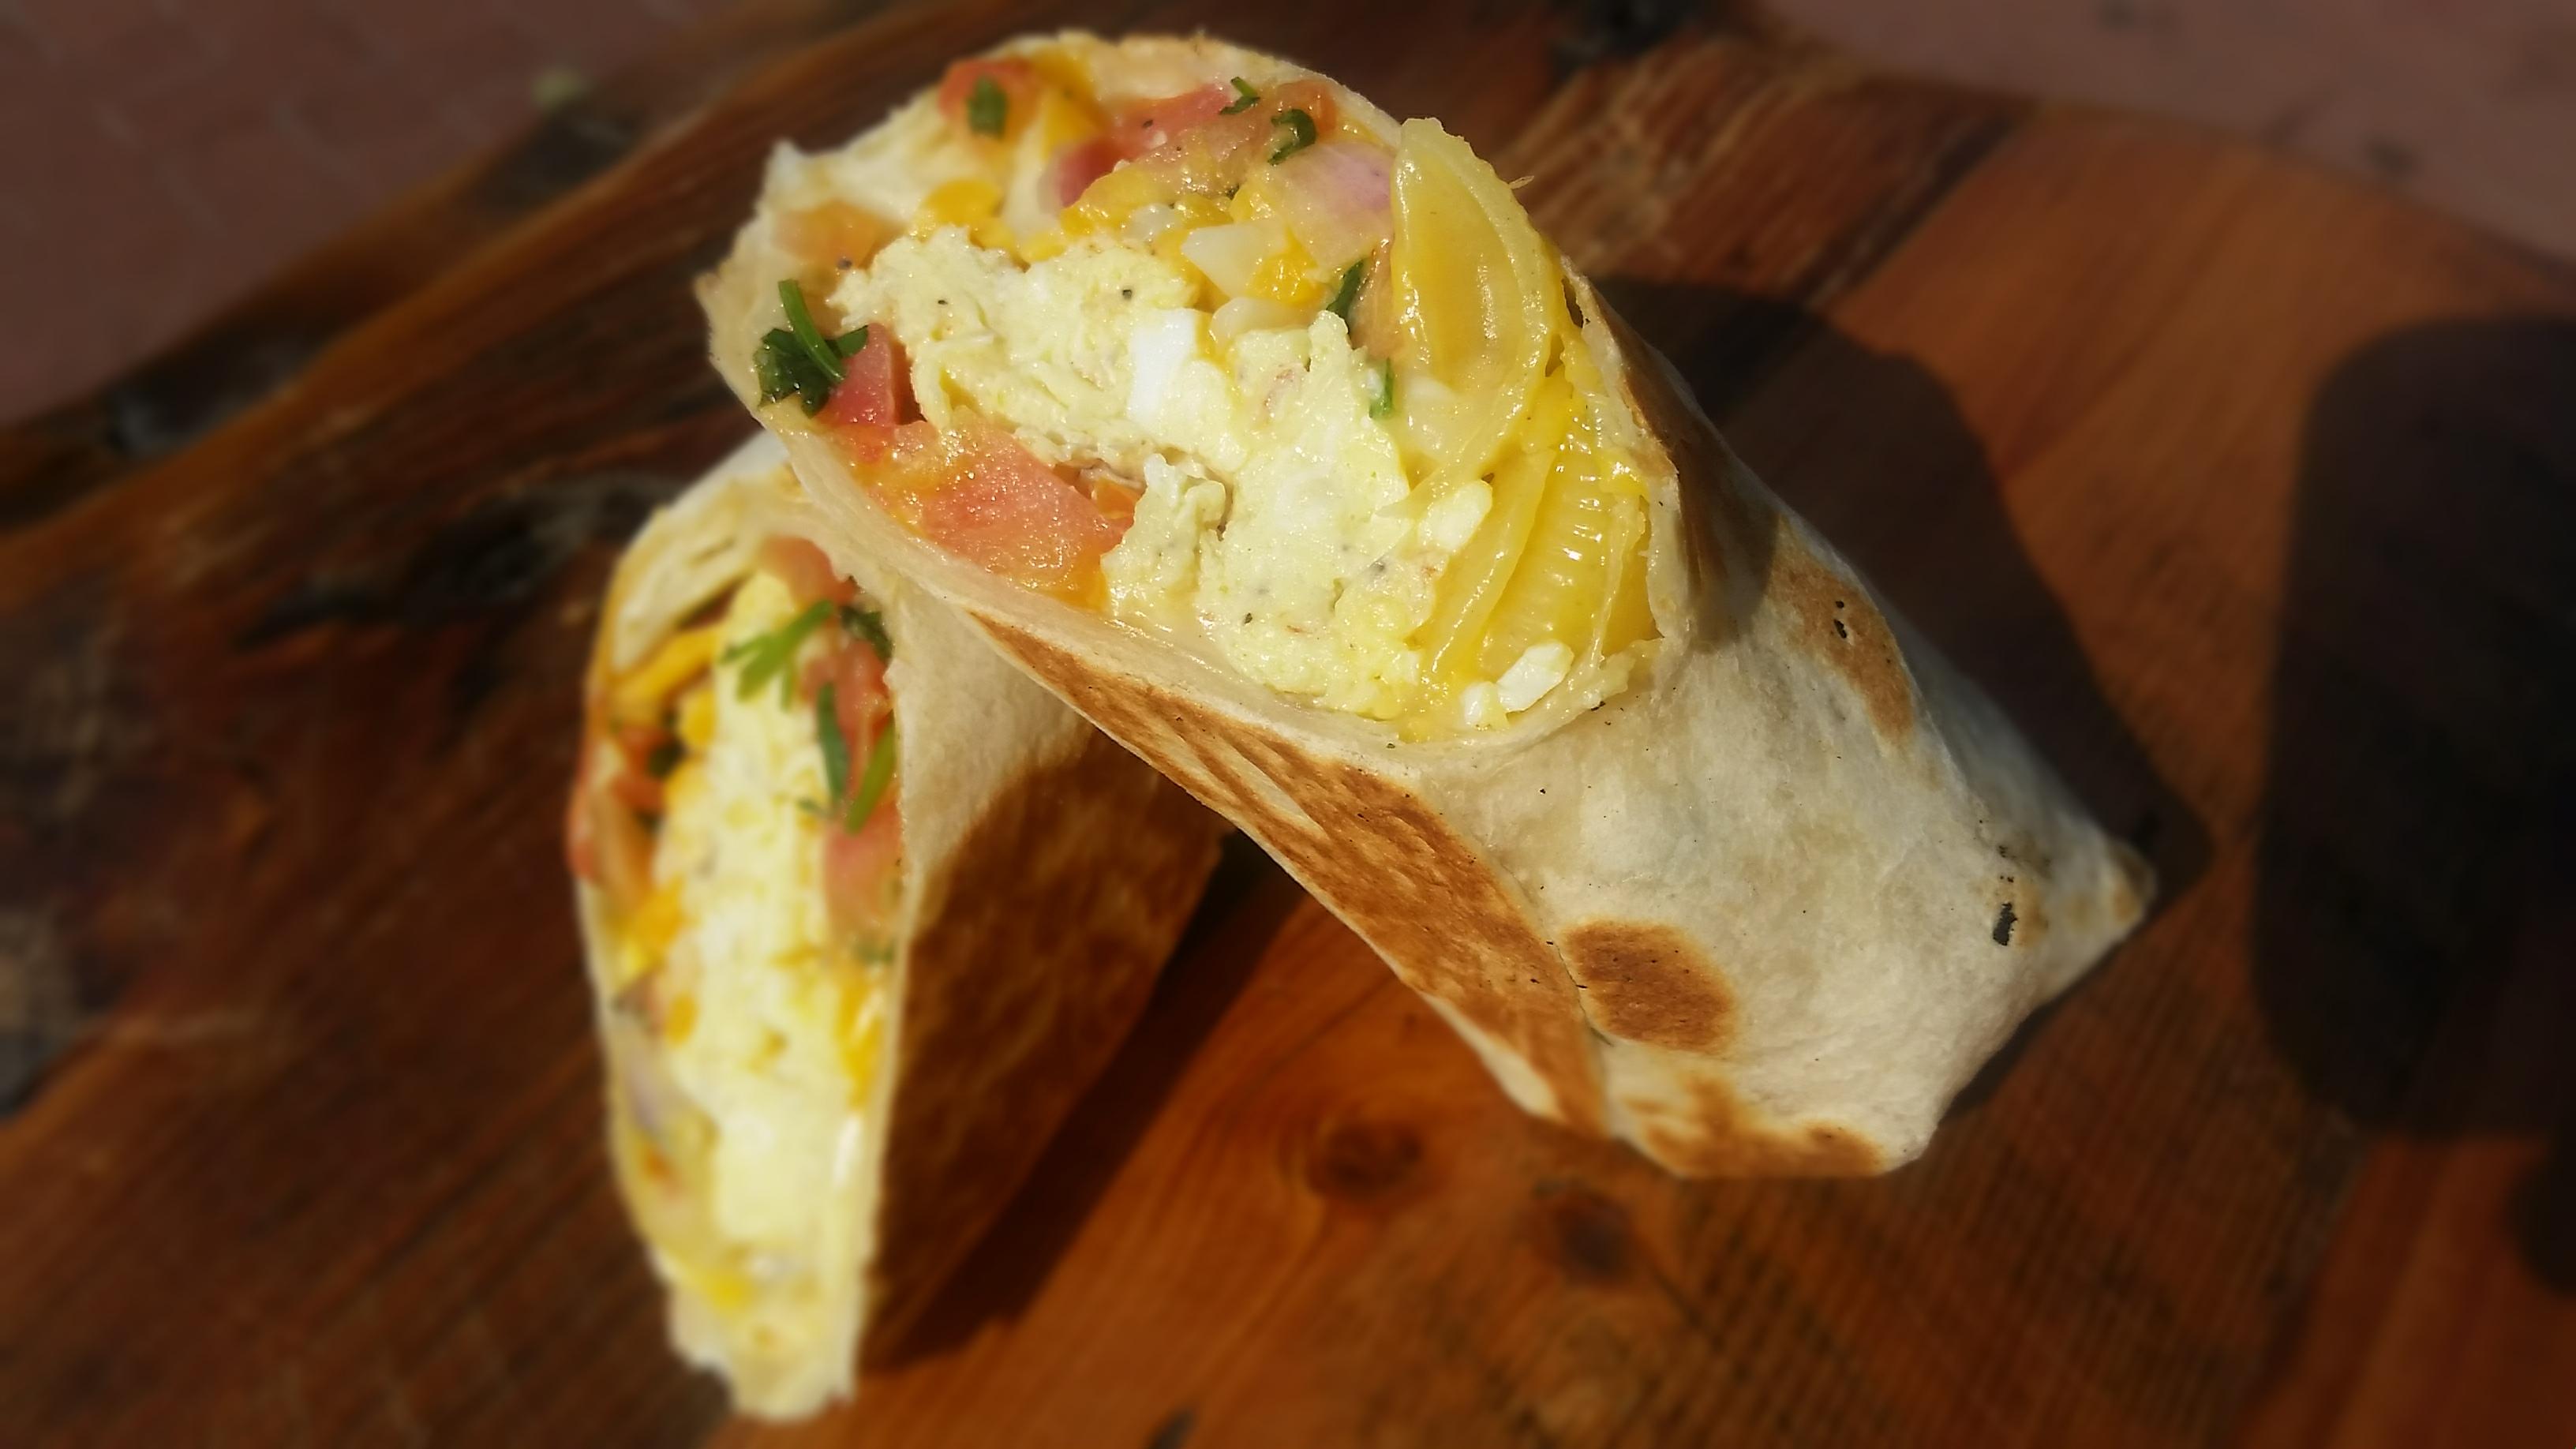 Rito Loco's breakfast burrito